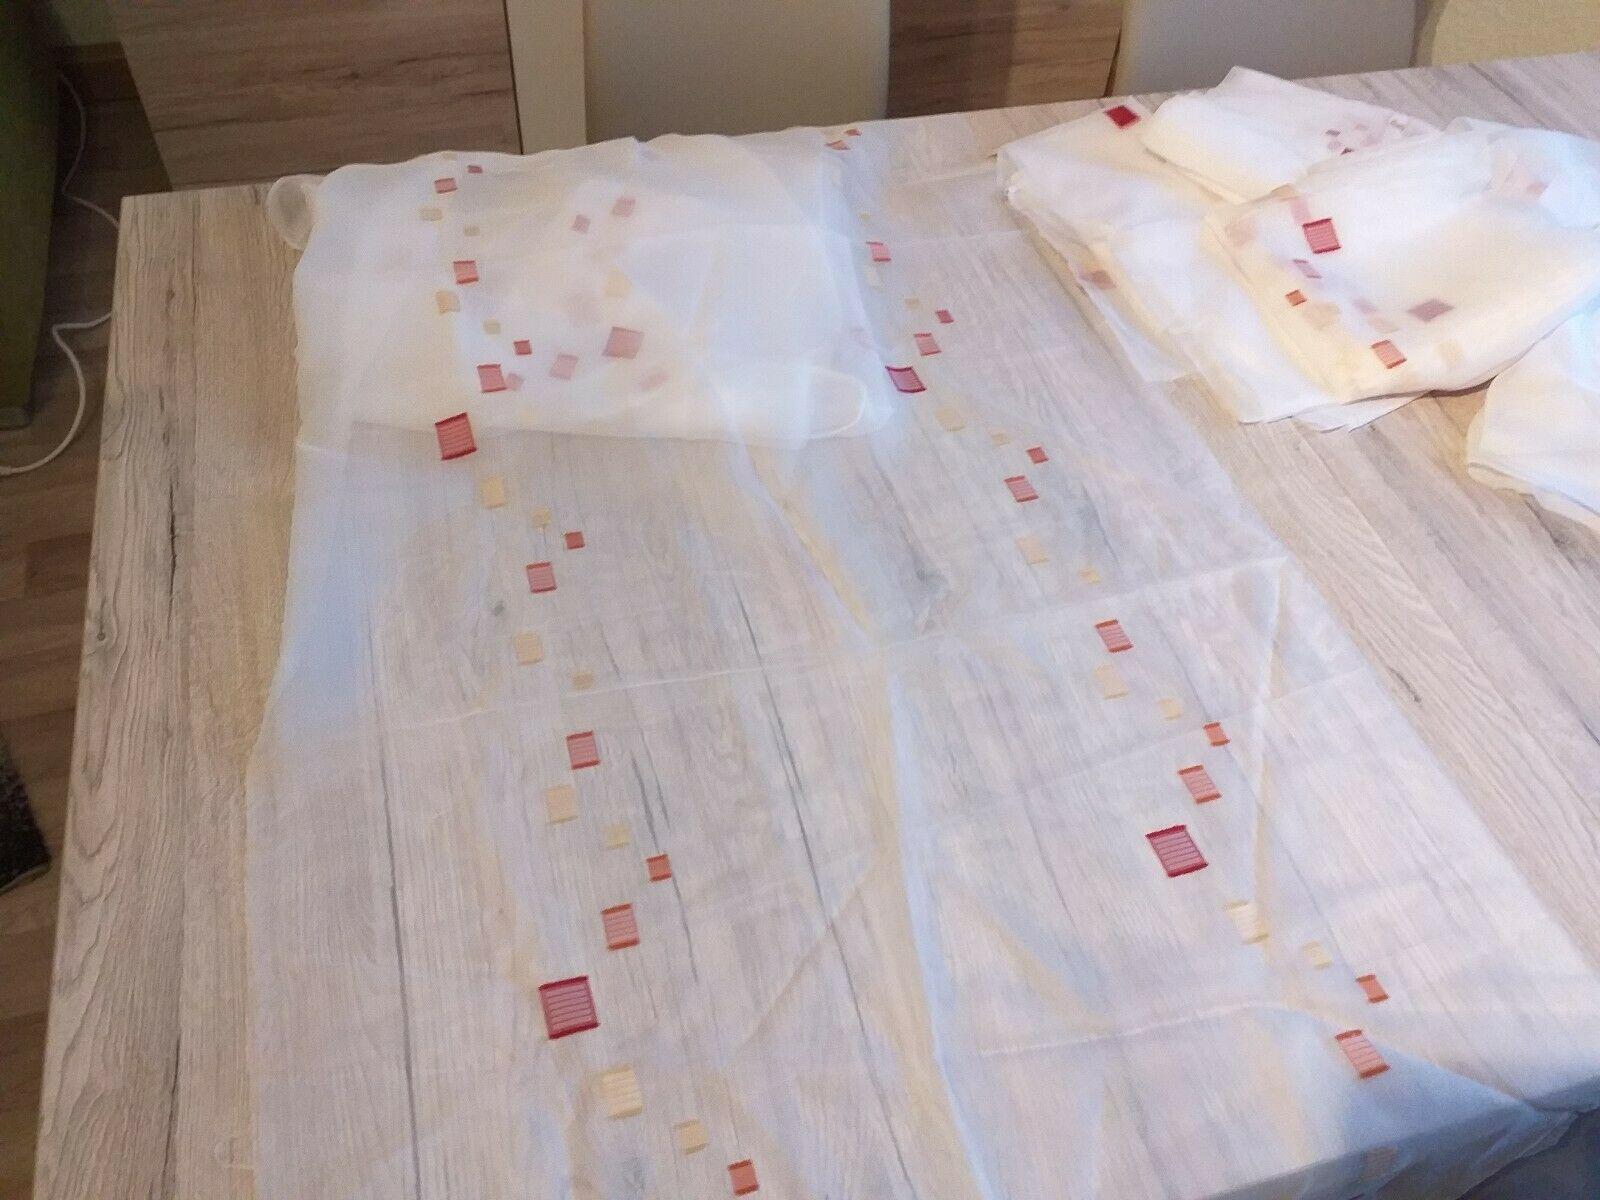 Full Size of Gardinen Nähen Vorhang Deko Stoff Reststcke Restposten Für Wohnzimmer Fenster Schlafzimmer Die Küche Scheibengardinen Wohnzimmer Gardinen Nähen